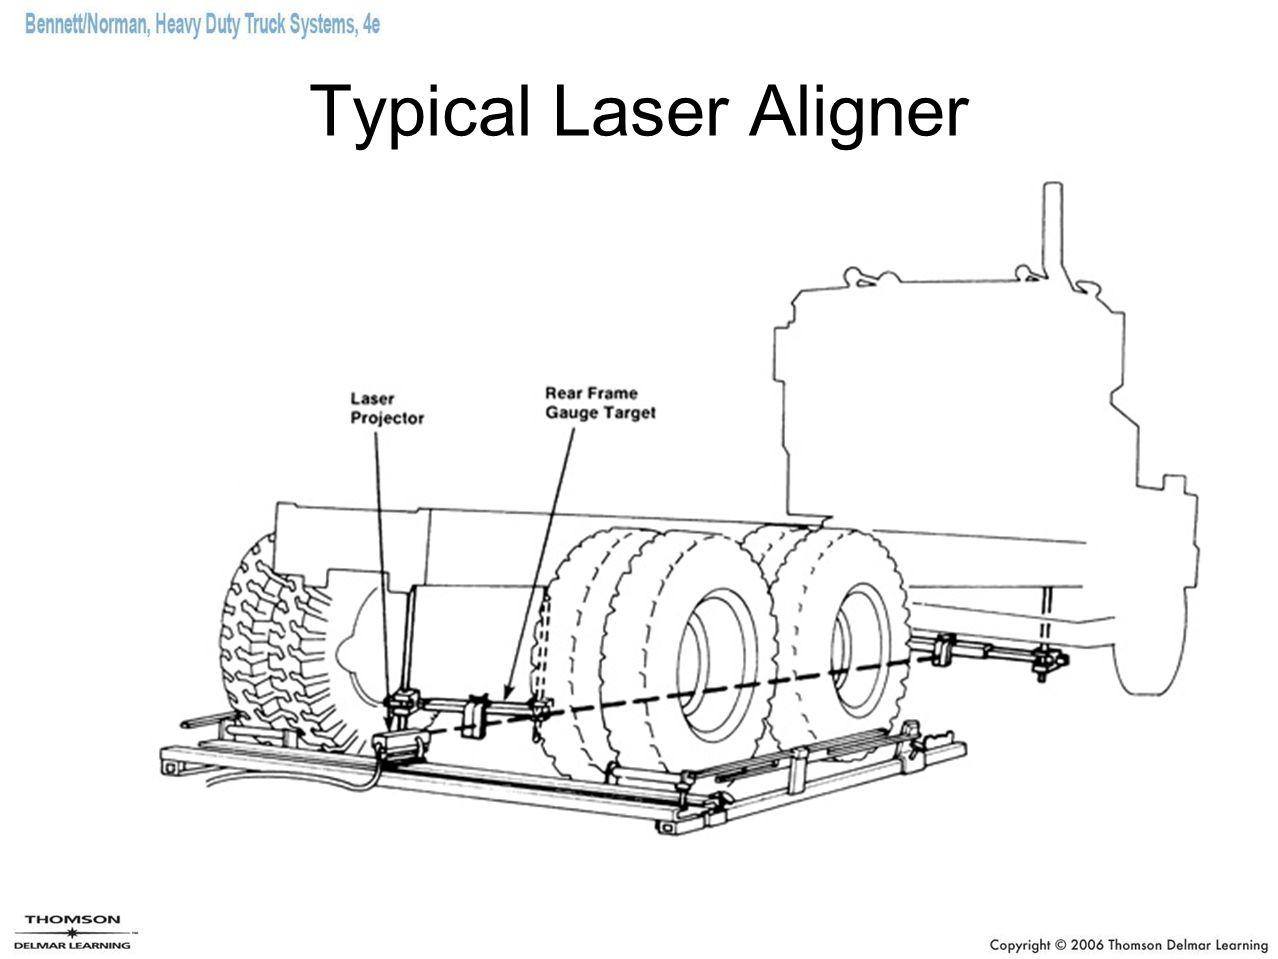 Typical Laser Aligner